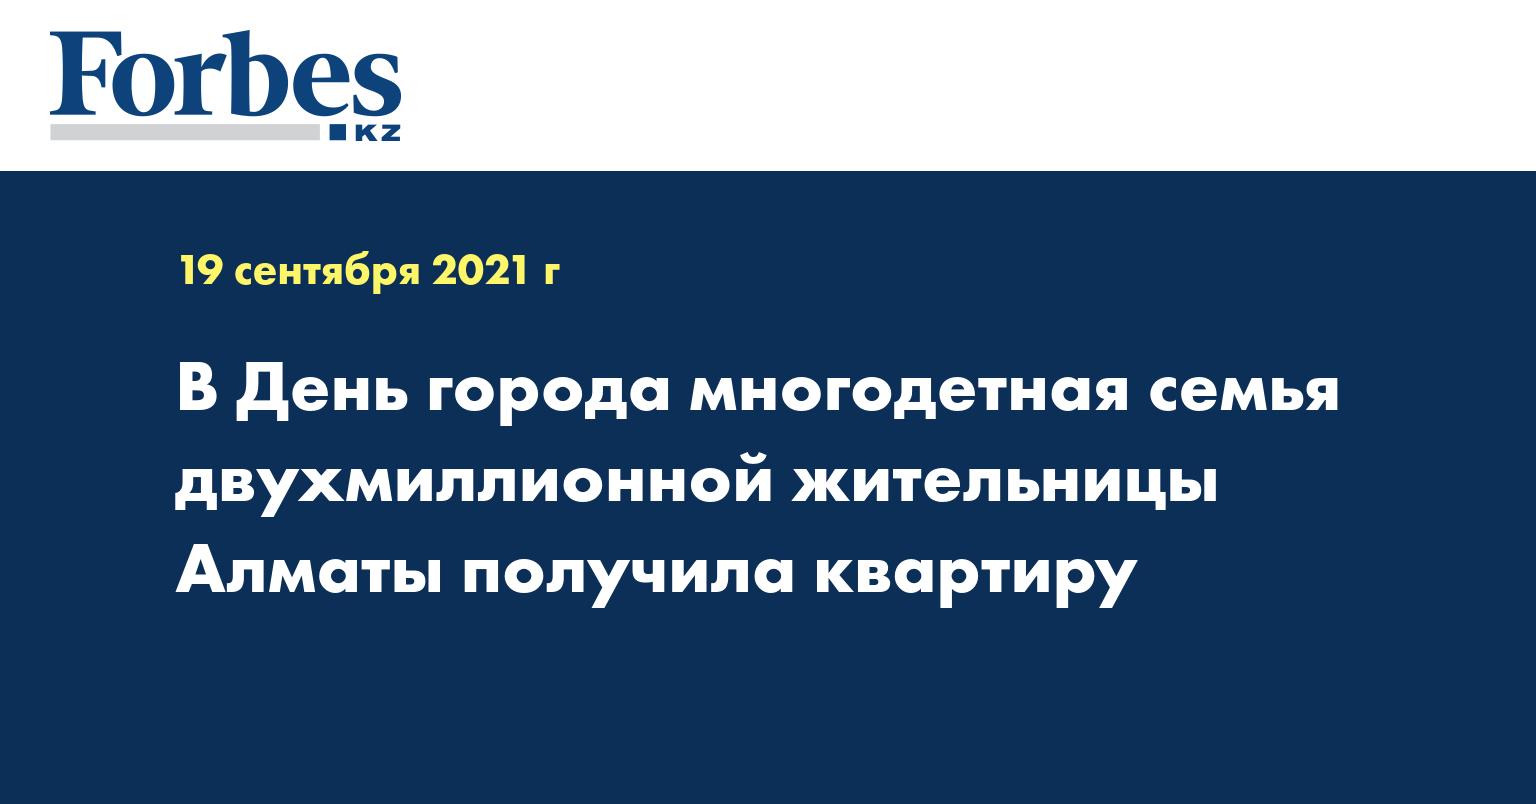 В День города многодетная семья двухмиллионной жительницы Алматы получила квартиру